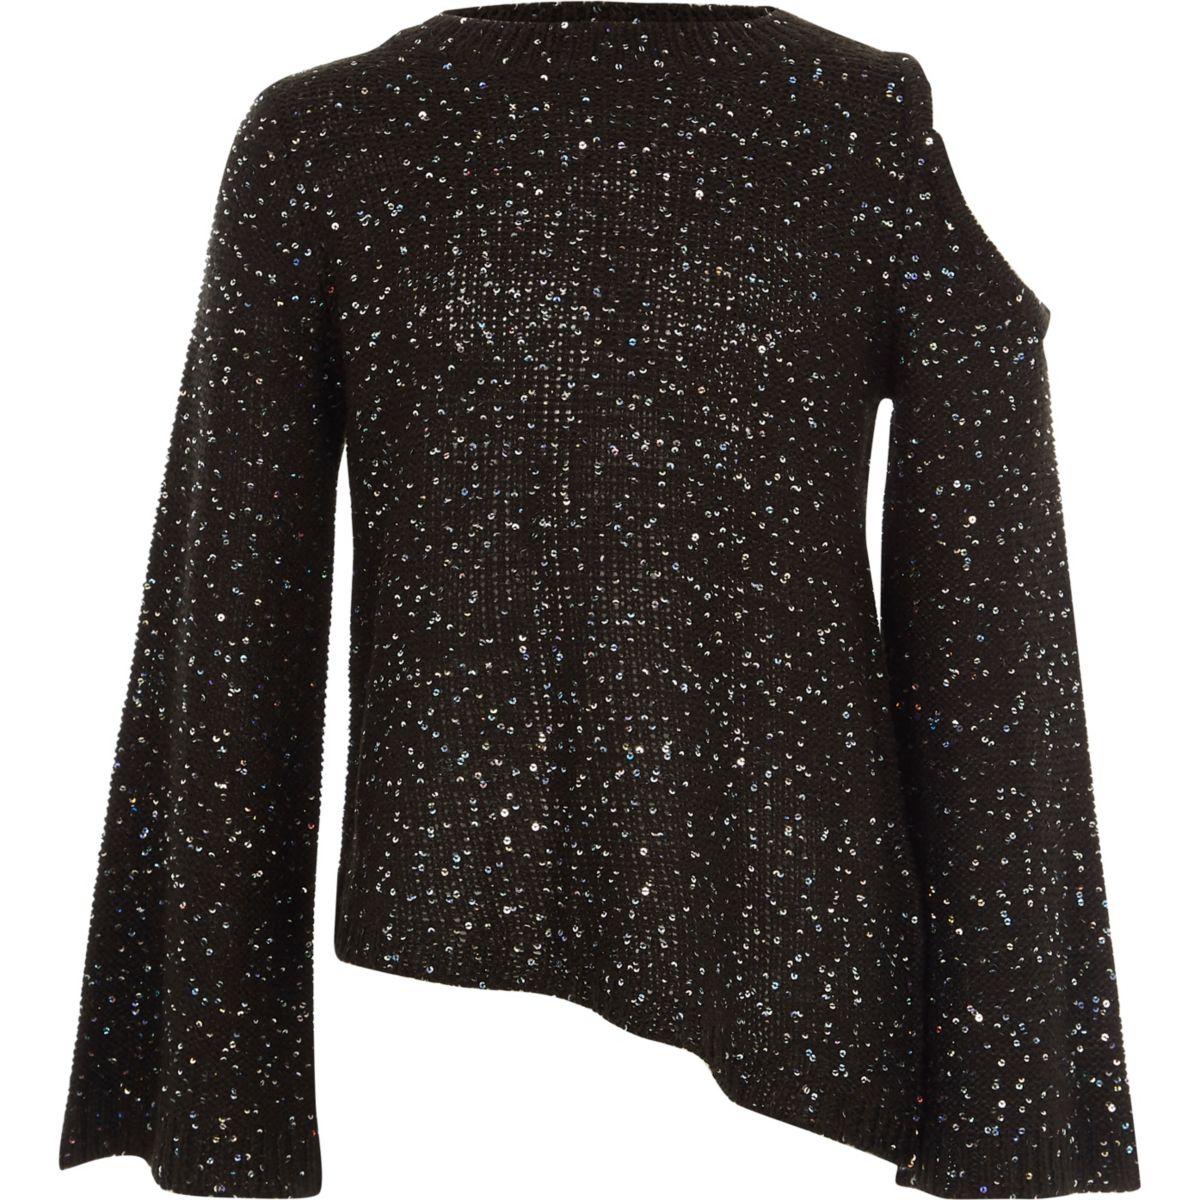 Girls black sequin cold shoulder sweater